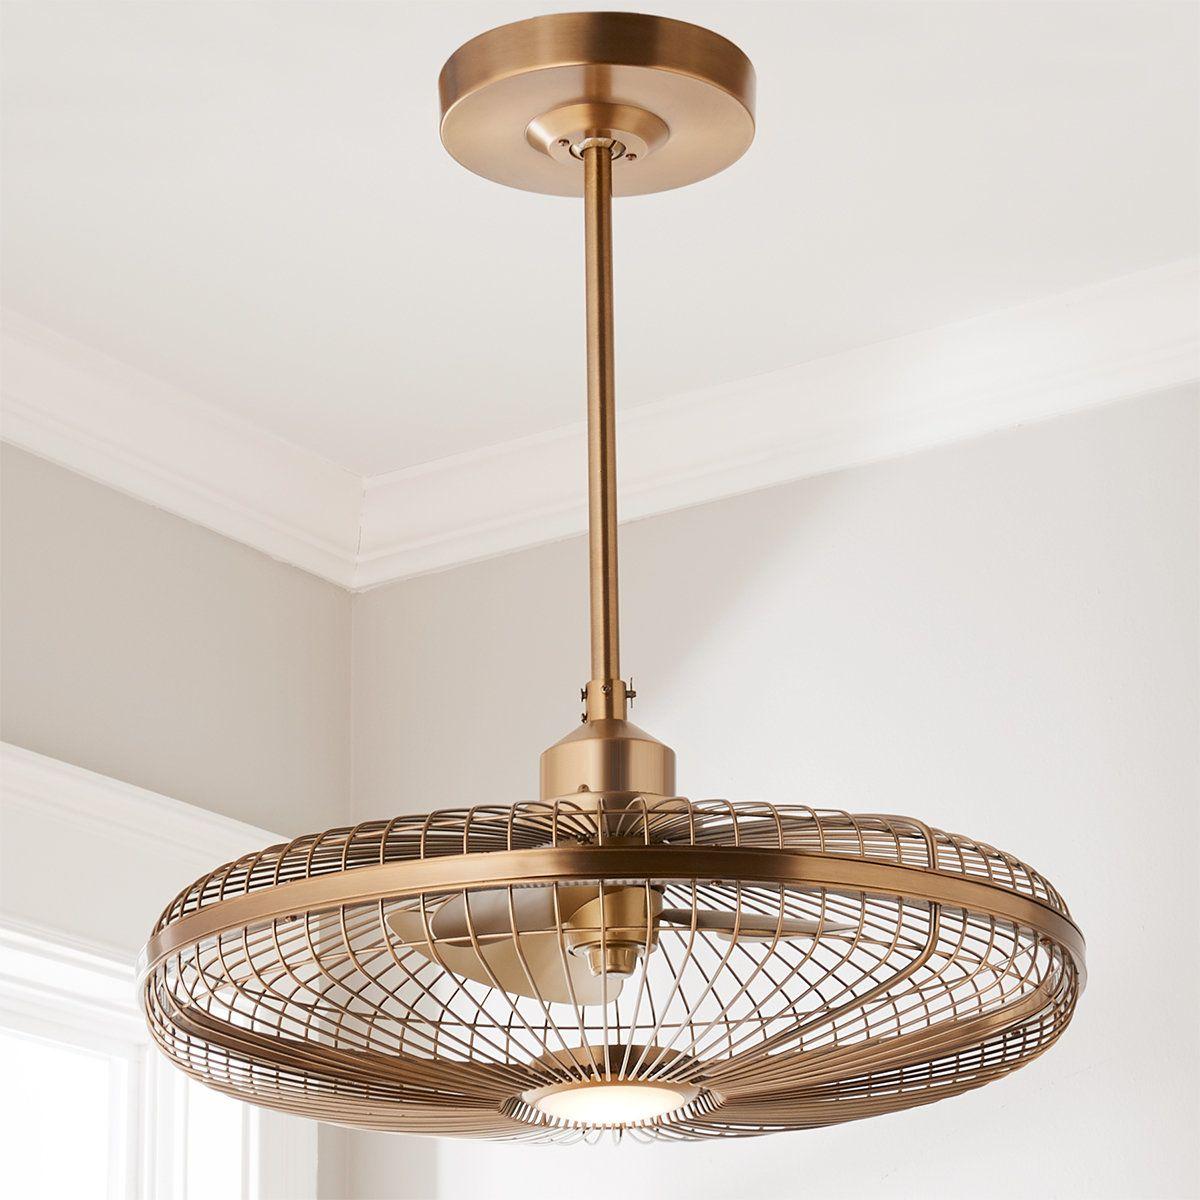 Workshop Ceiling Fan Ceiling Fan Modern Ceiling Fan Ceiling Fan With Light